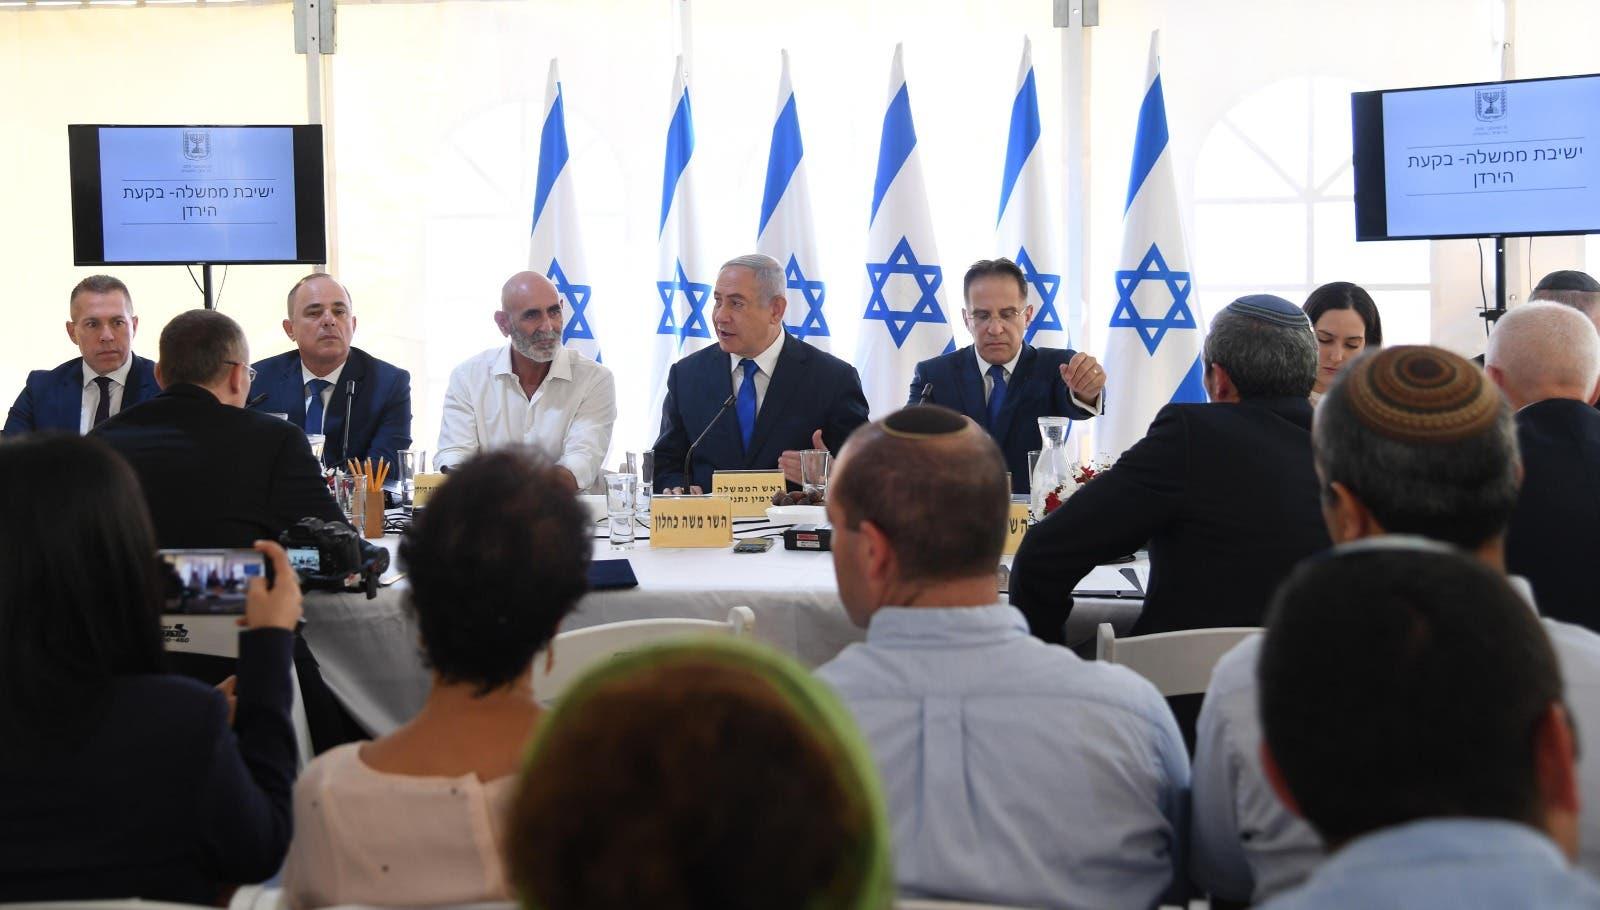 من اجتماع حكومة نتنياهو في غور الأردن